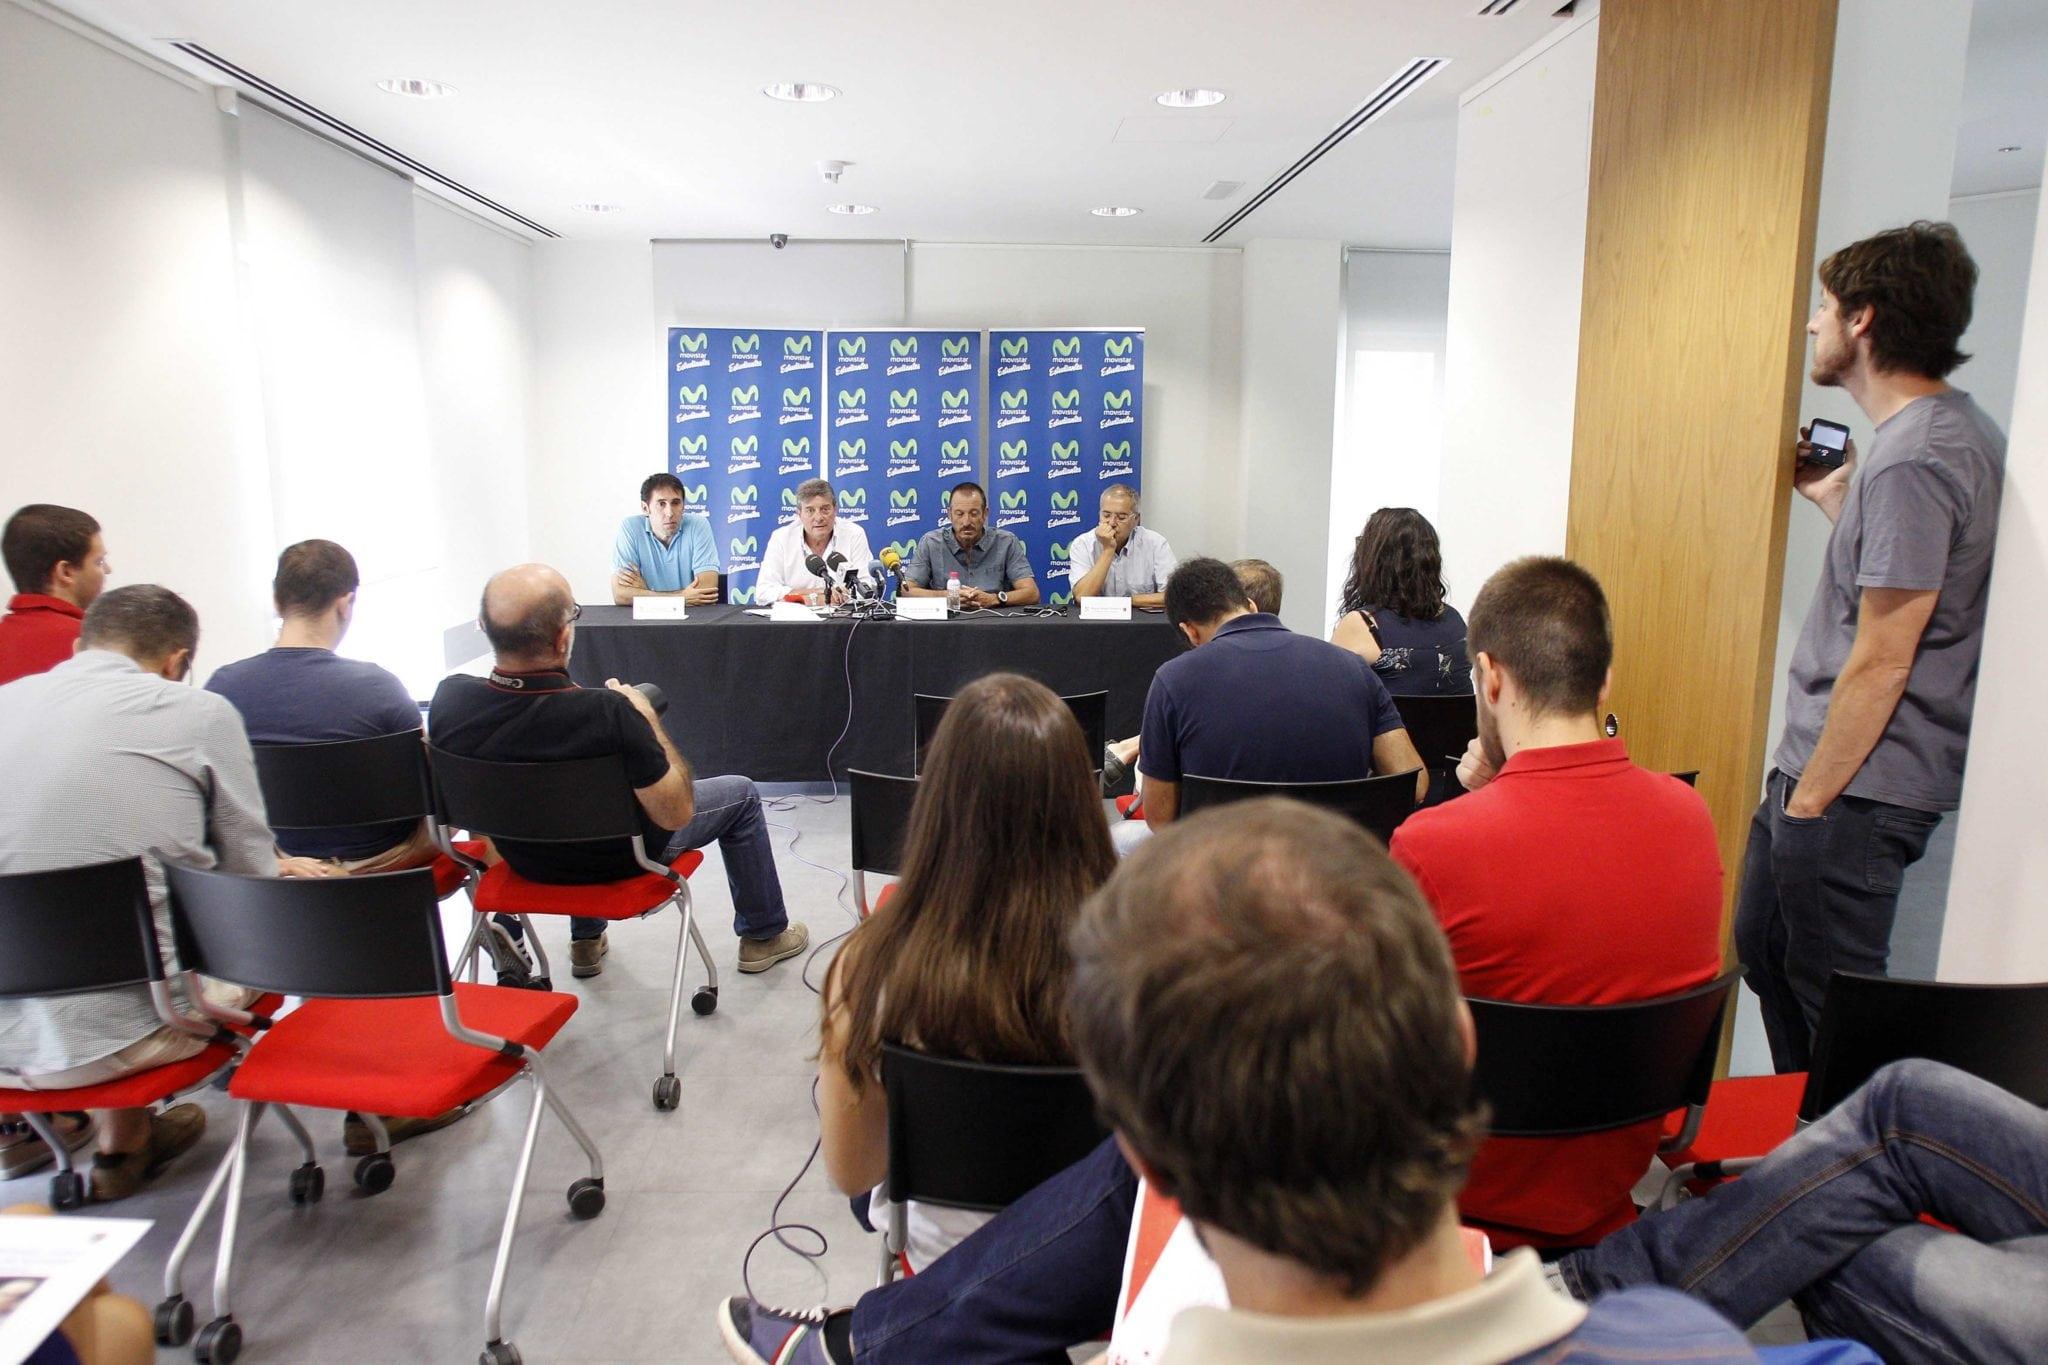 La presentación de Salva Maldonado y Willy Villar, en prensa.